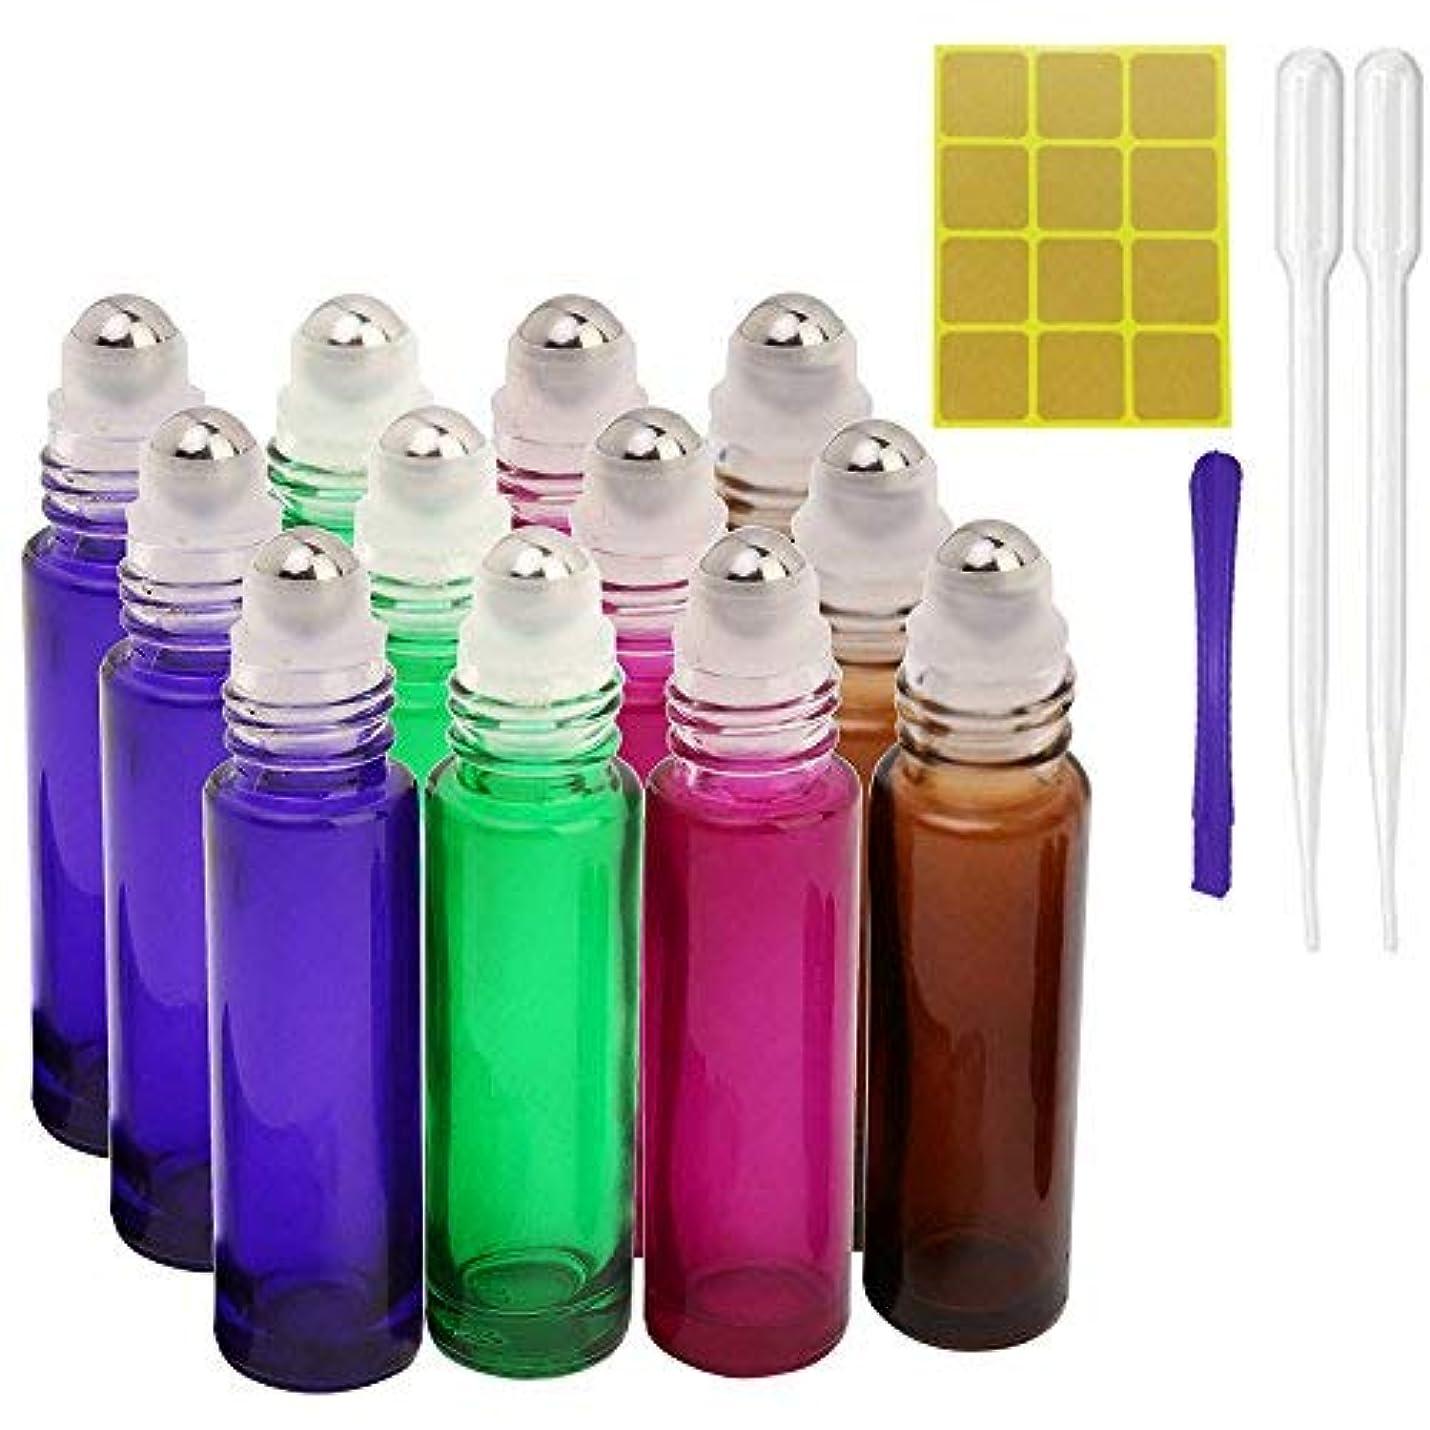 七面鳥弱まる虹12, 10ml Roller Bottles for Essential Oils - Glass Refillable Roller on Bottles with 1 Opener, 2 Droppers, 24...